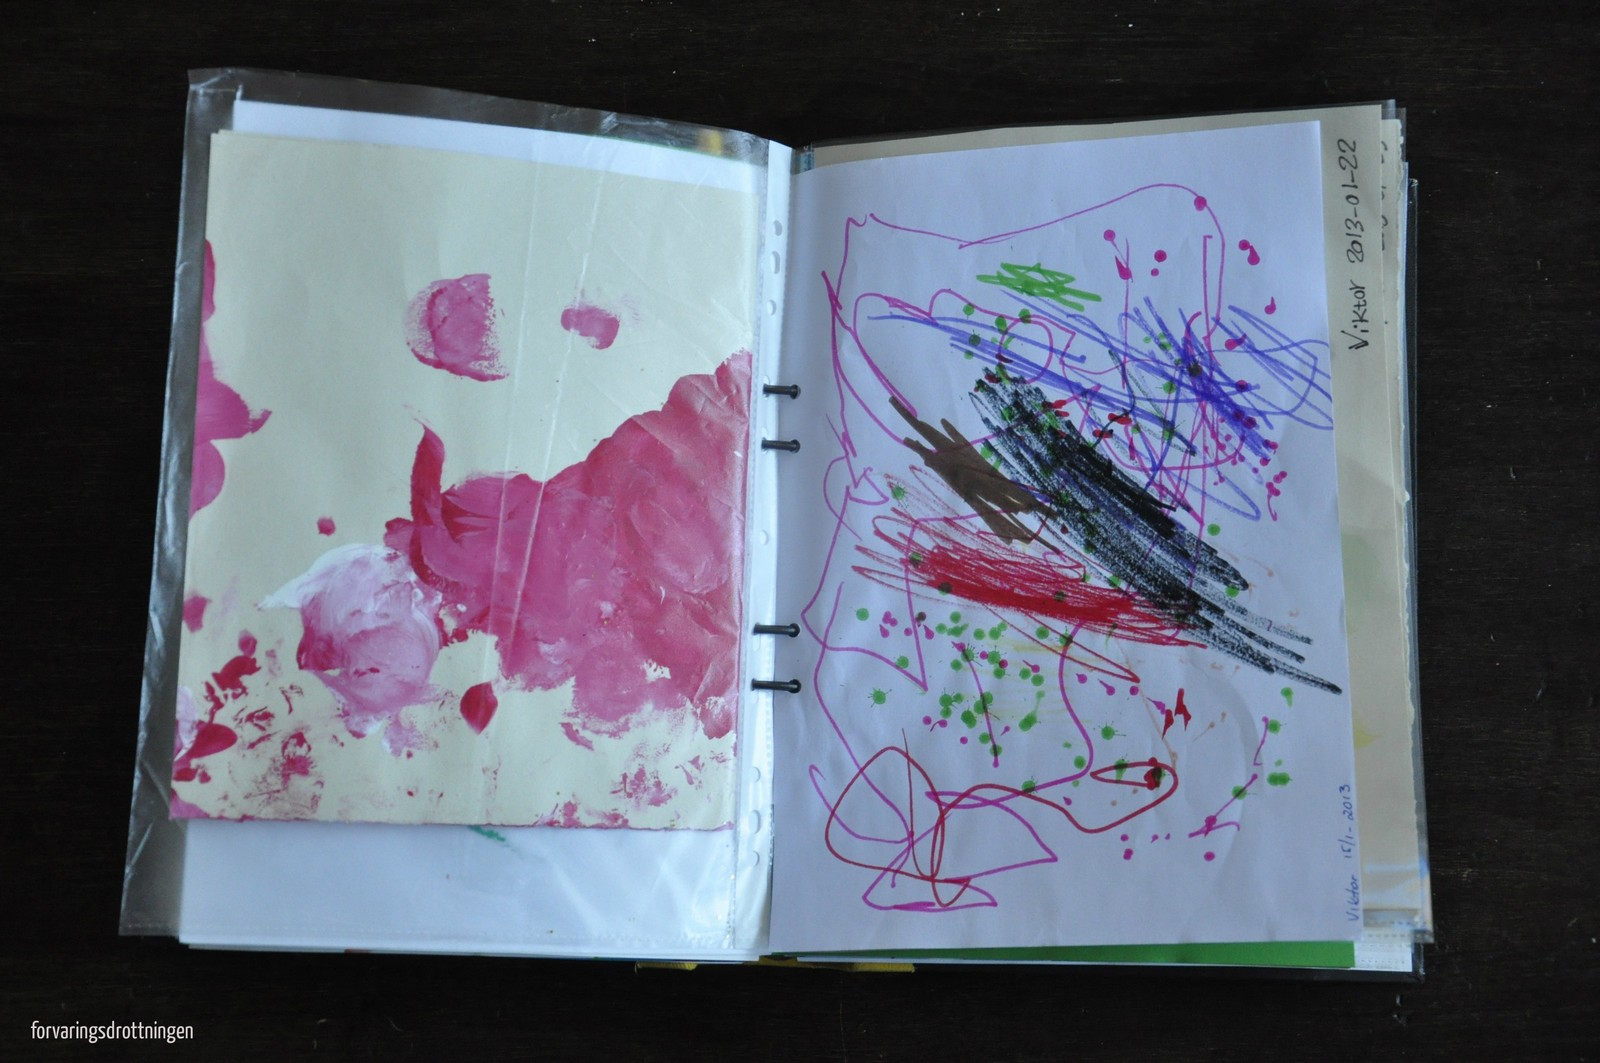 spara barnens teckningar i en pärm